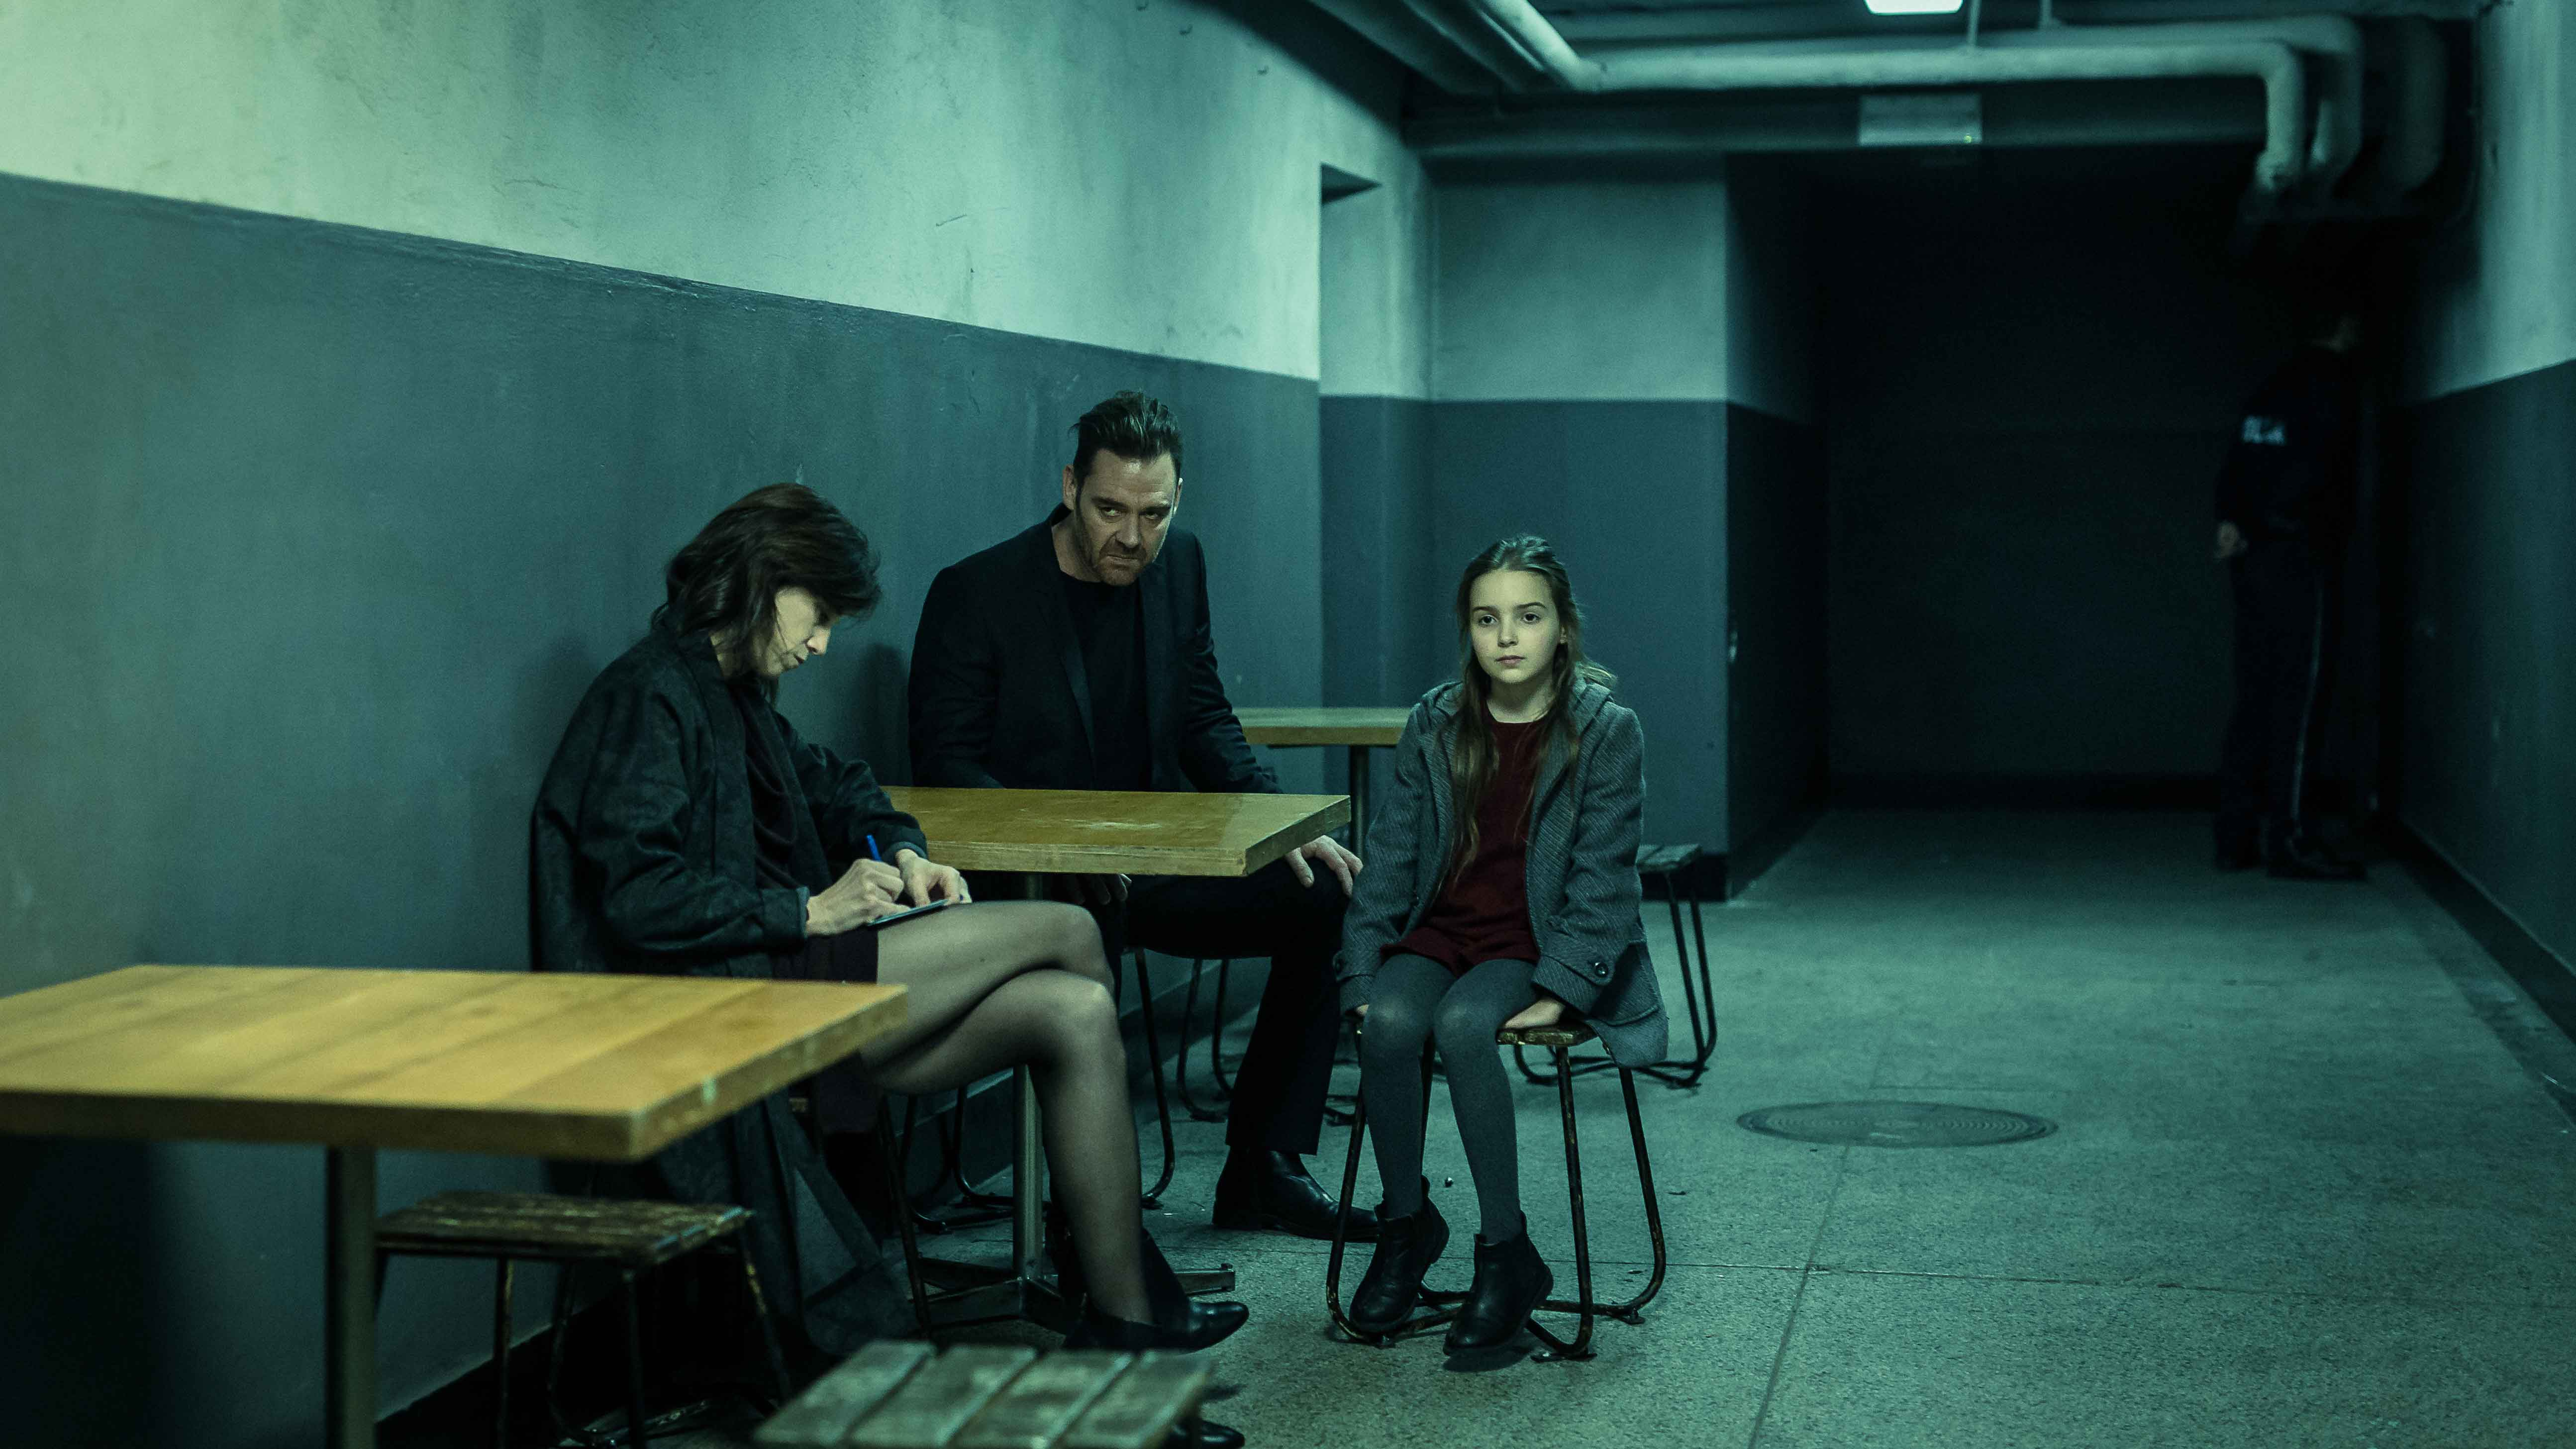 Dark Crimes recensione film con Jim Carrey e Charlotte Gainsbourg